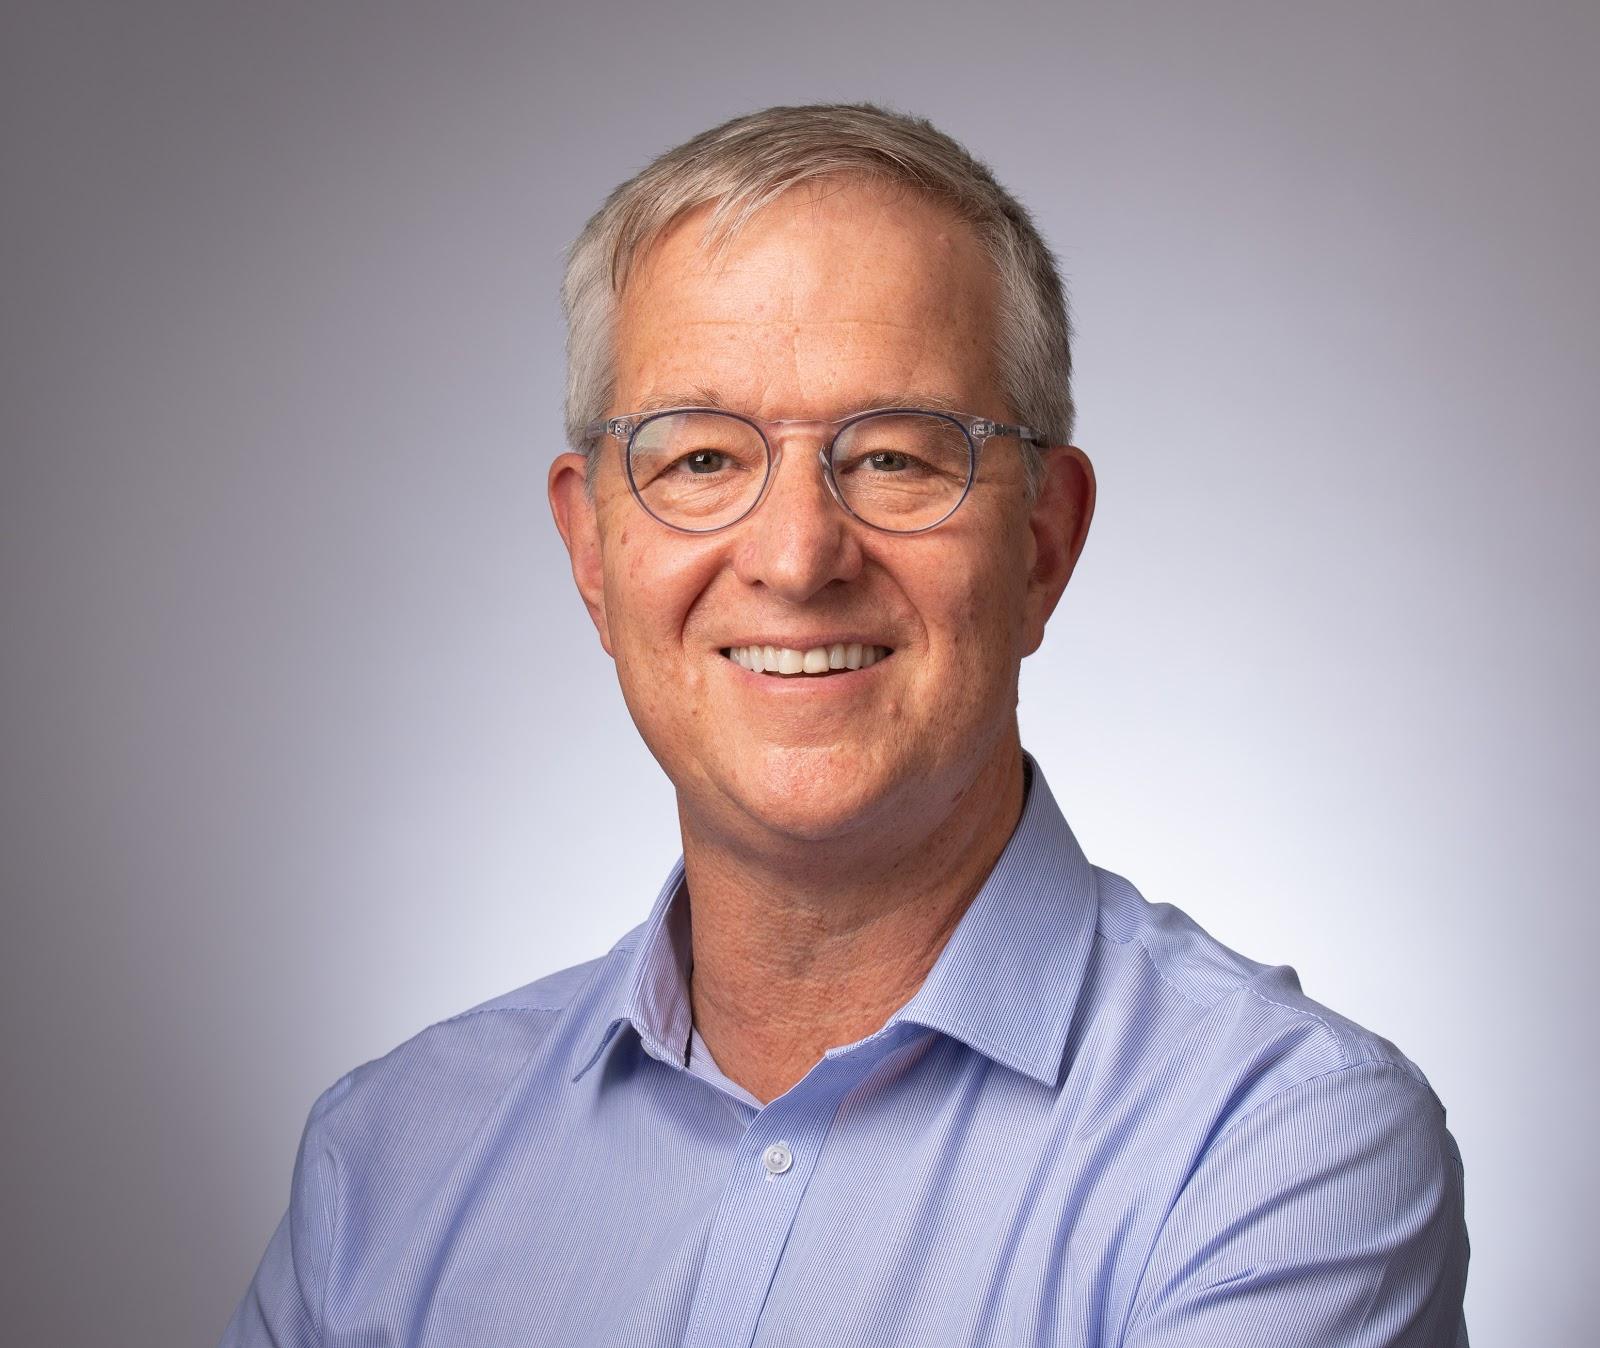 Cornelius Willis, Chief Marketing Officer, Clari